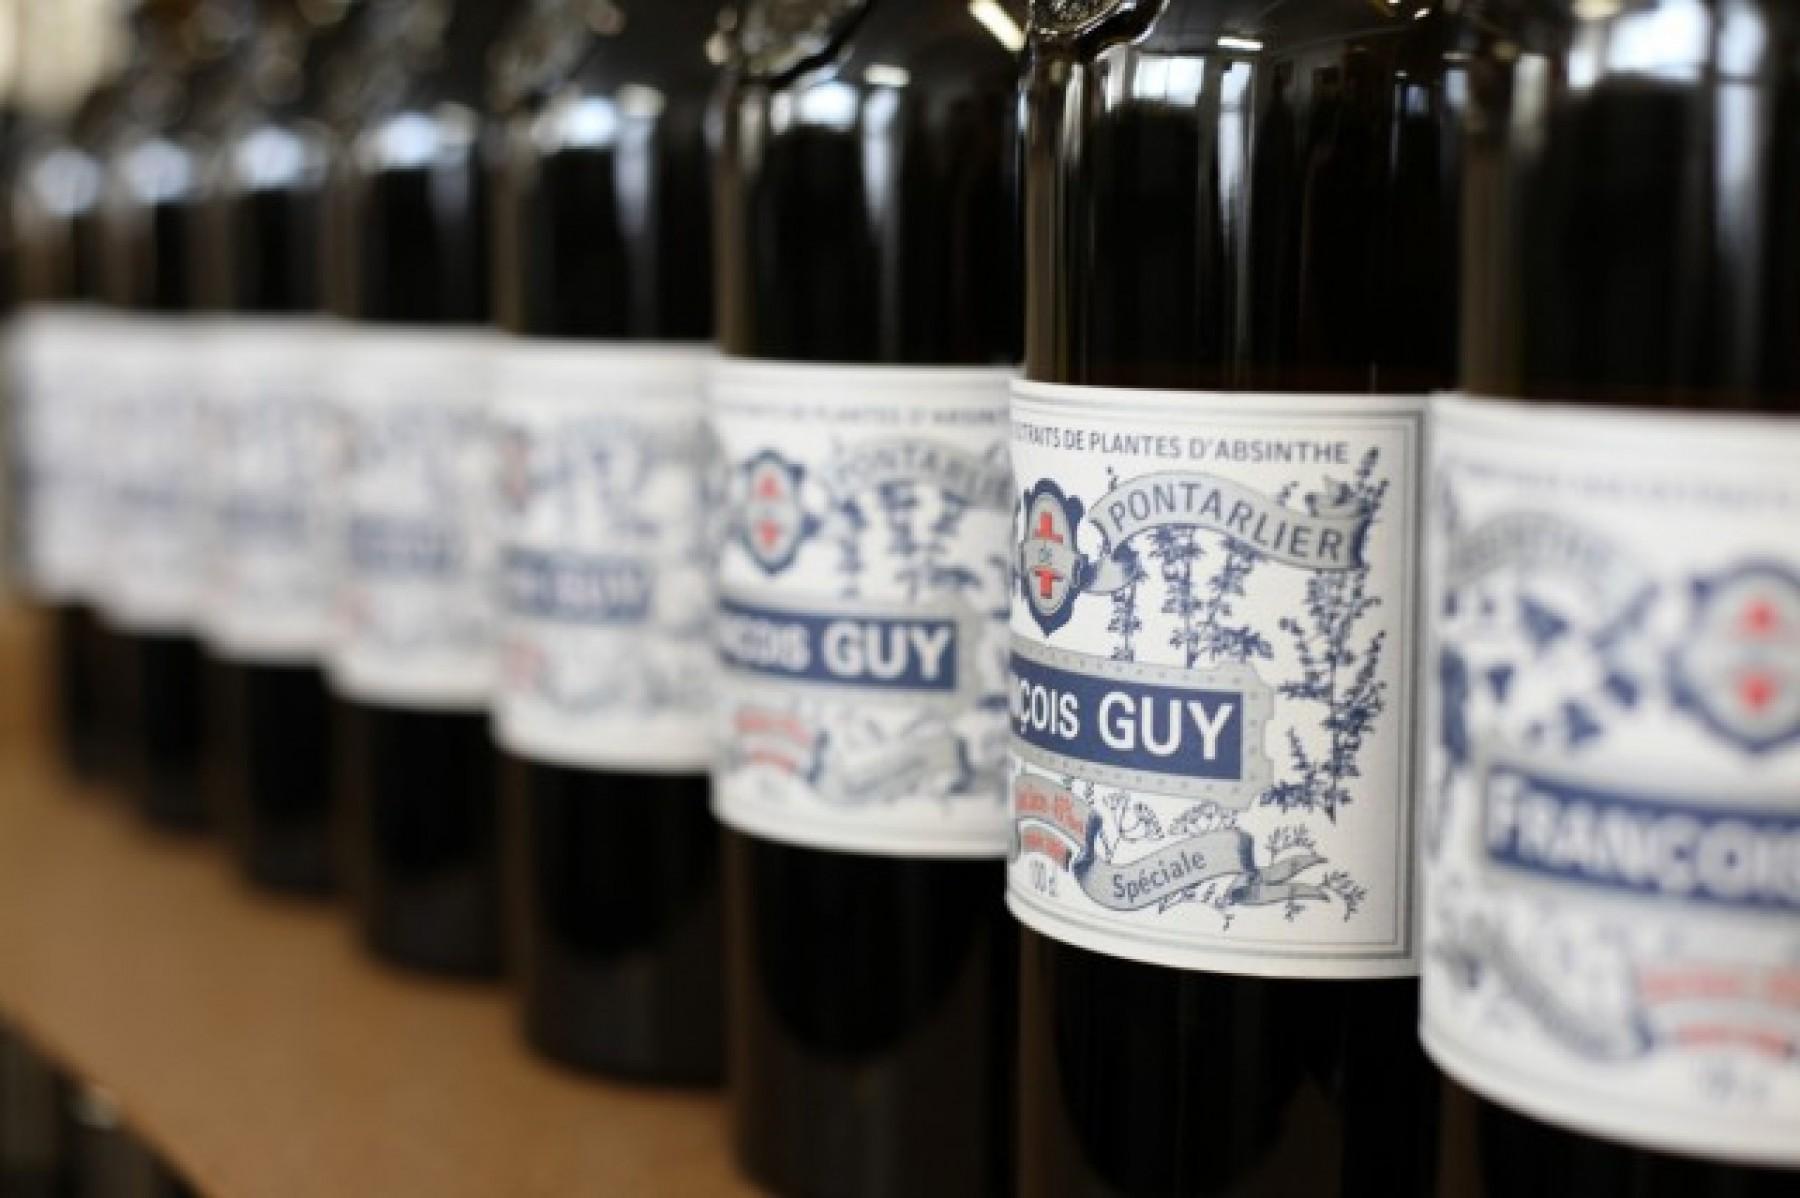 bouteilles-absinthe.-111831-1920x0-1